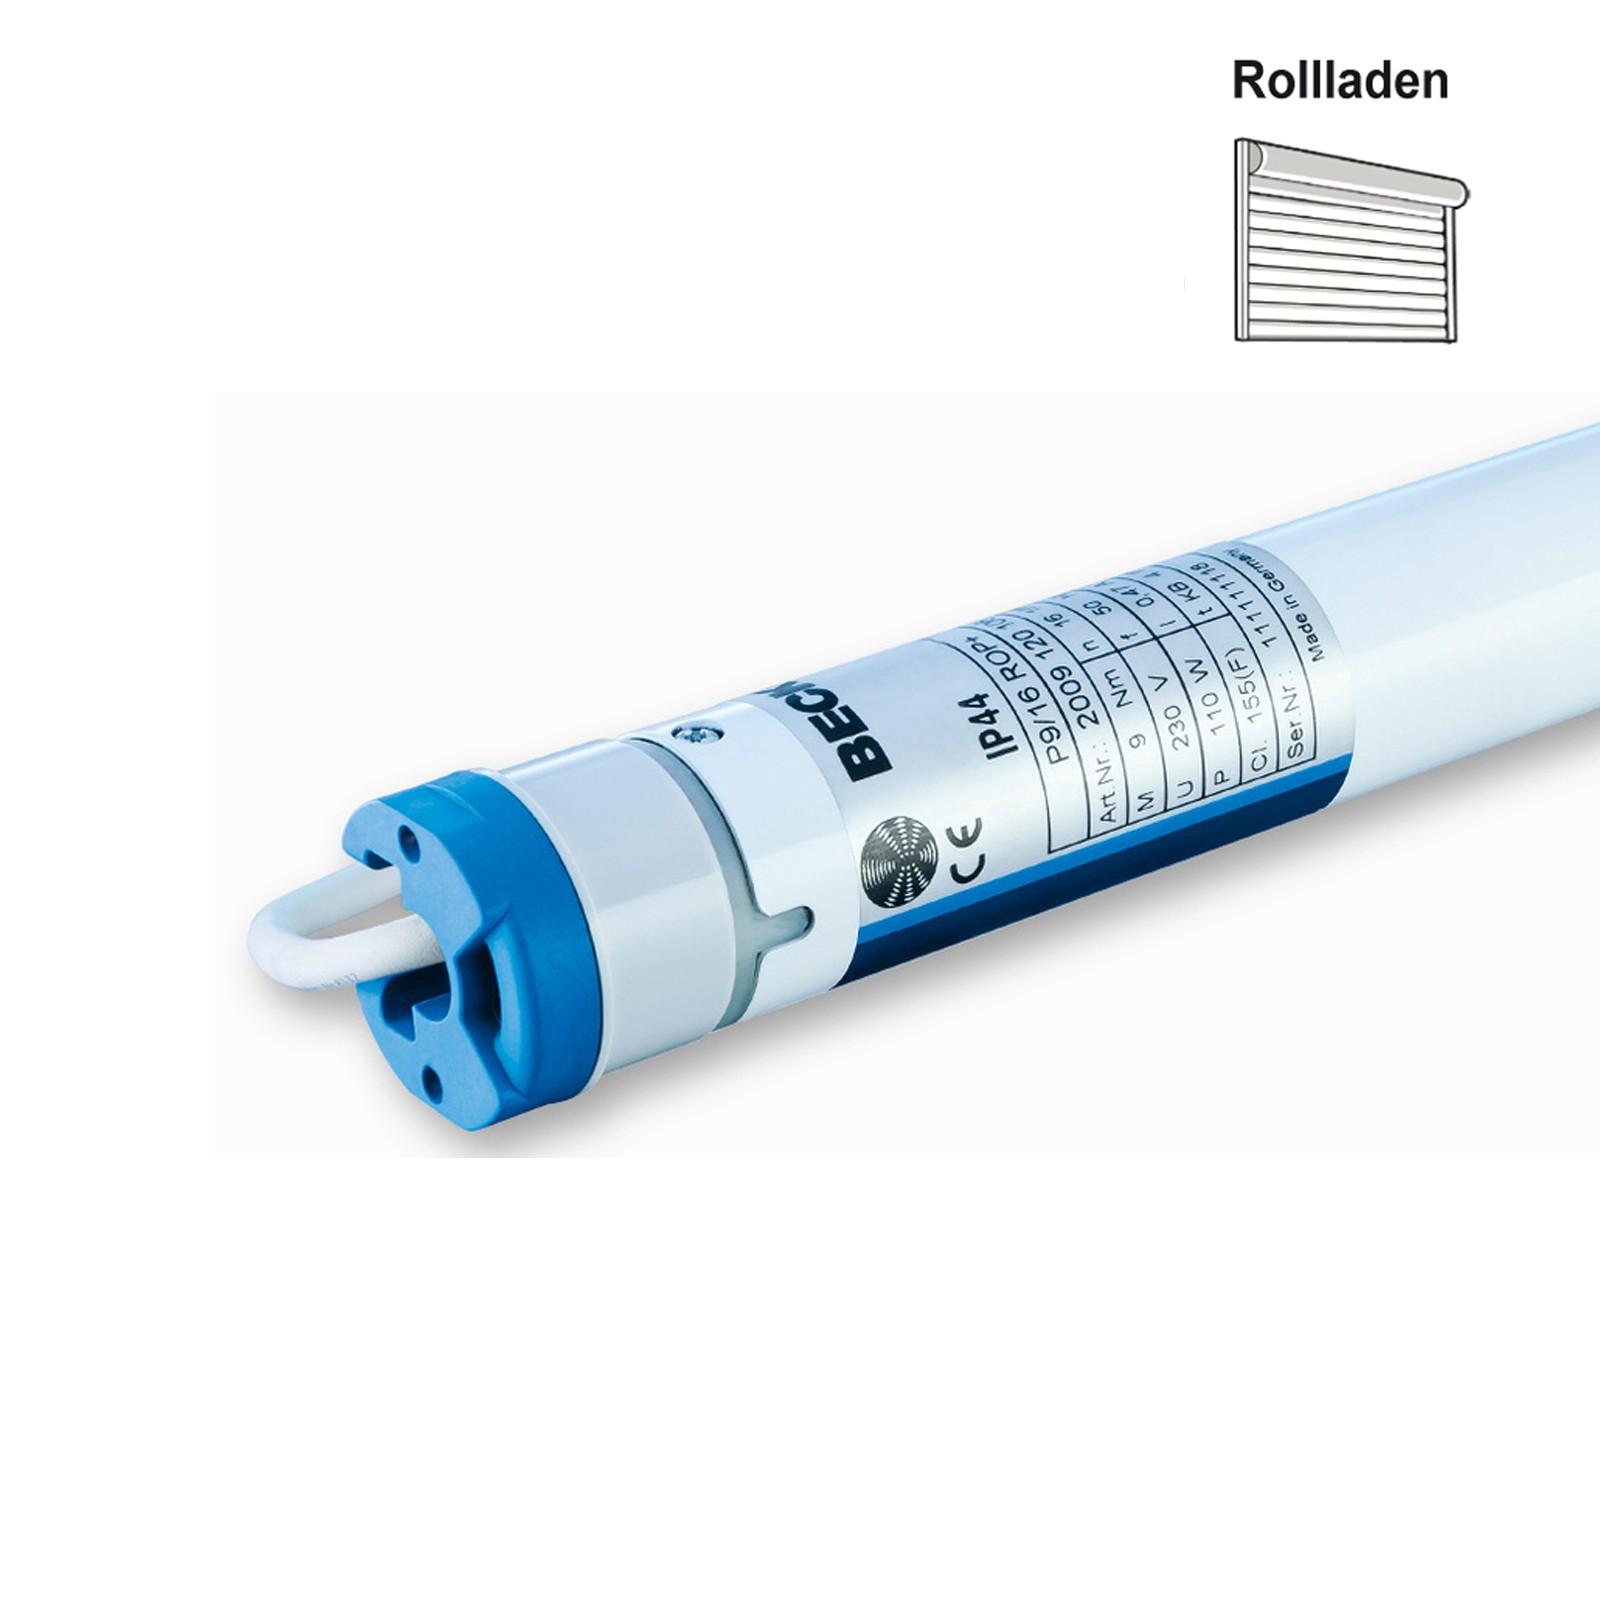 Becker P-E01 Rollladenantrieb für Wickelwellen